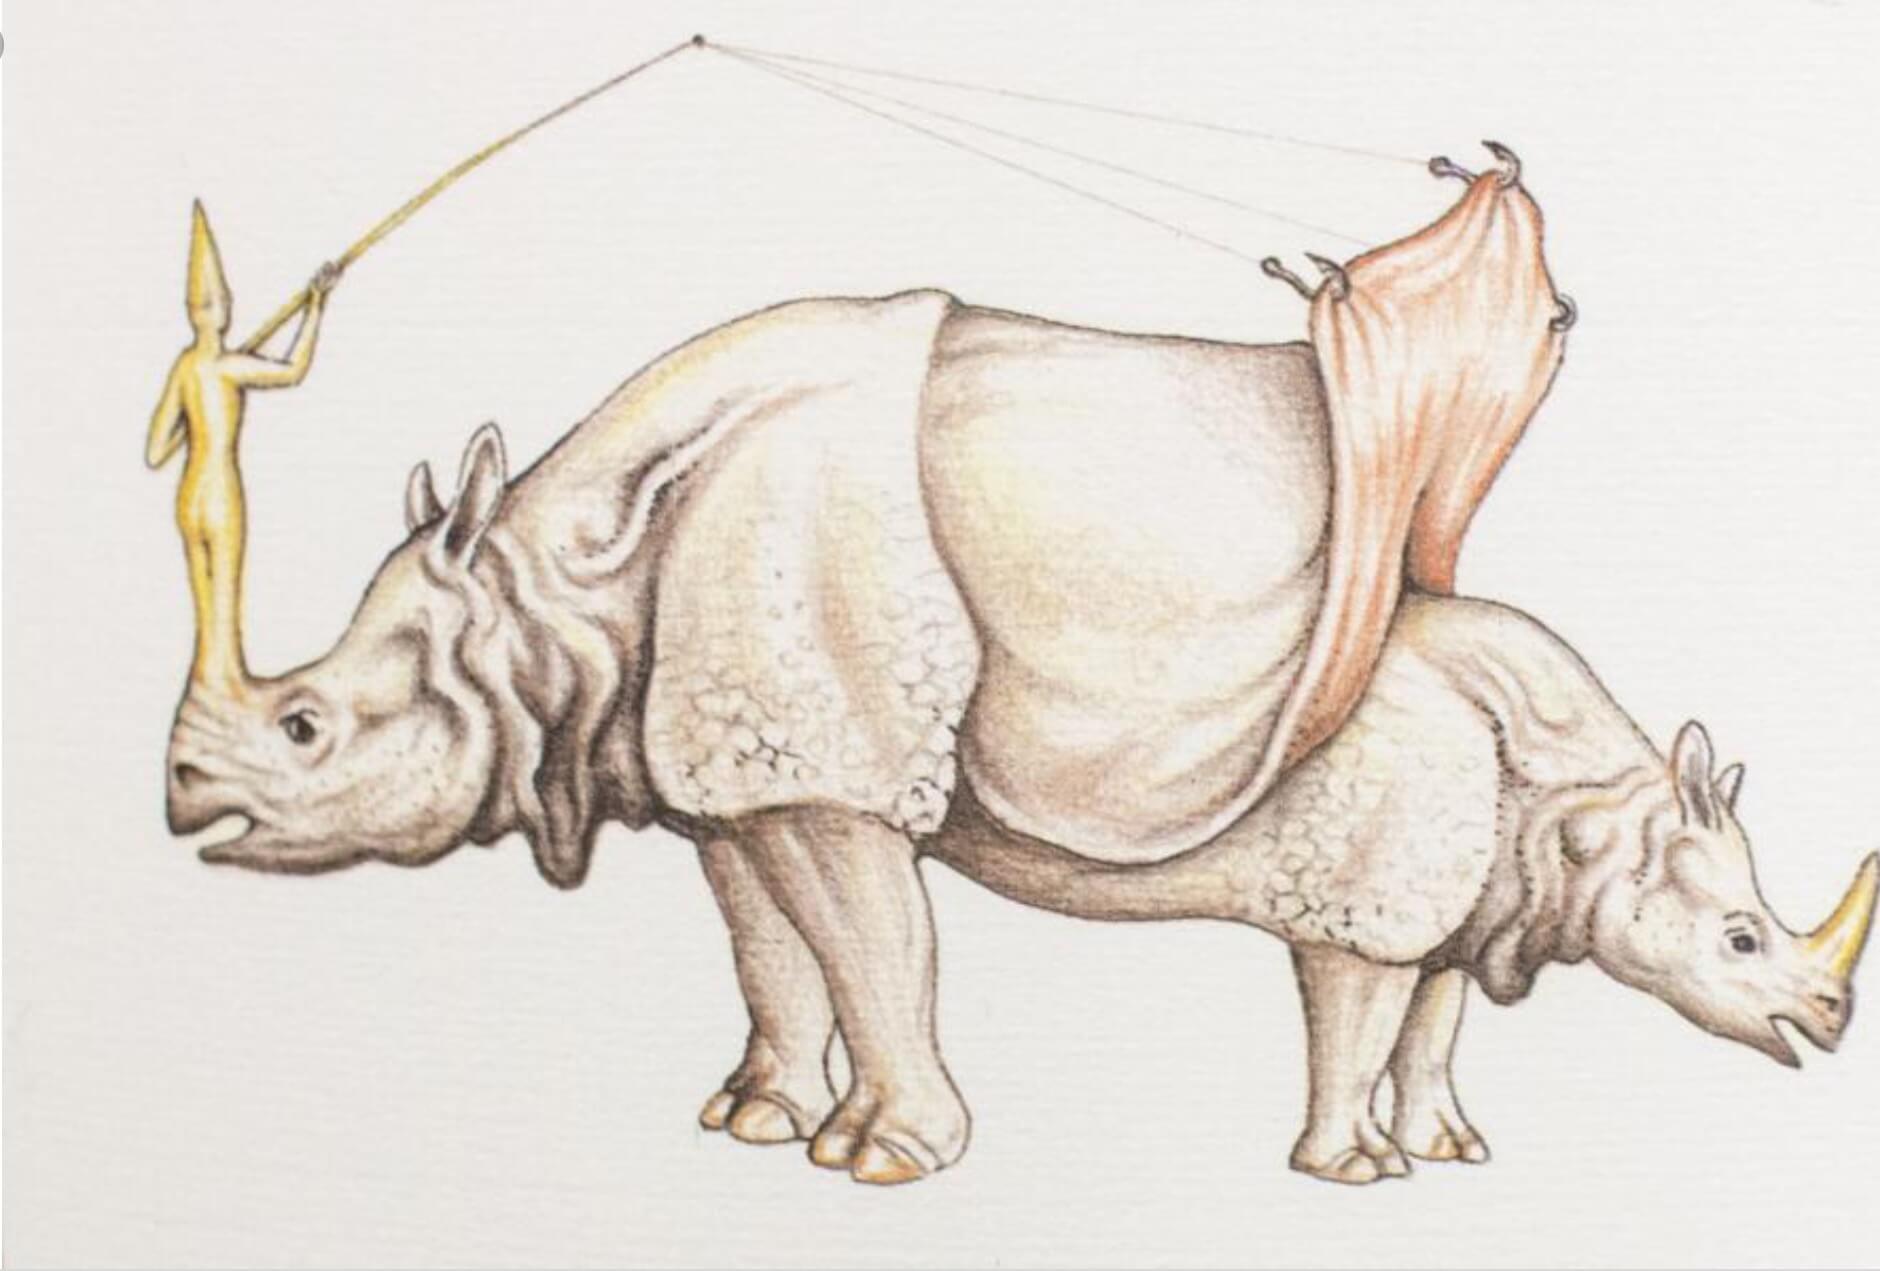 犀牛圖 野蠻與文明的混合